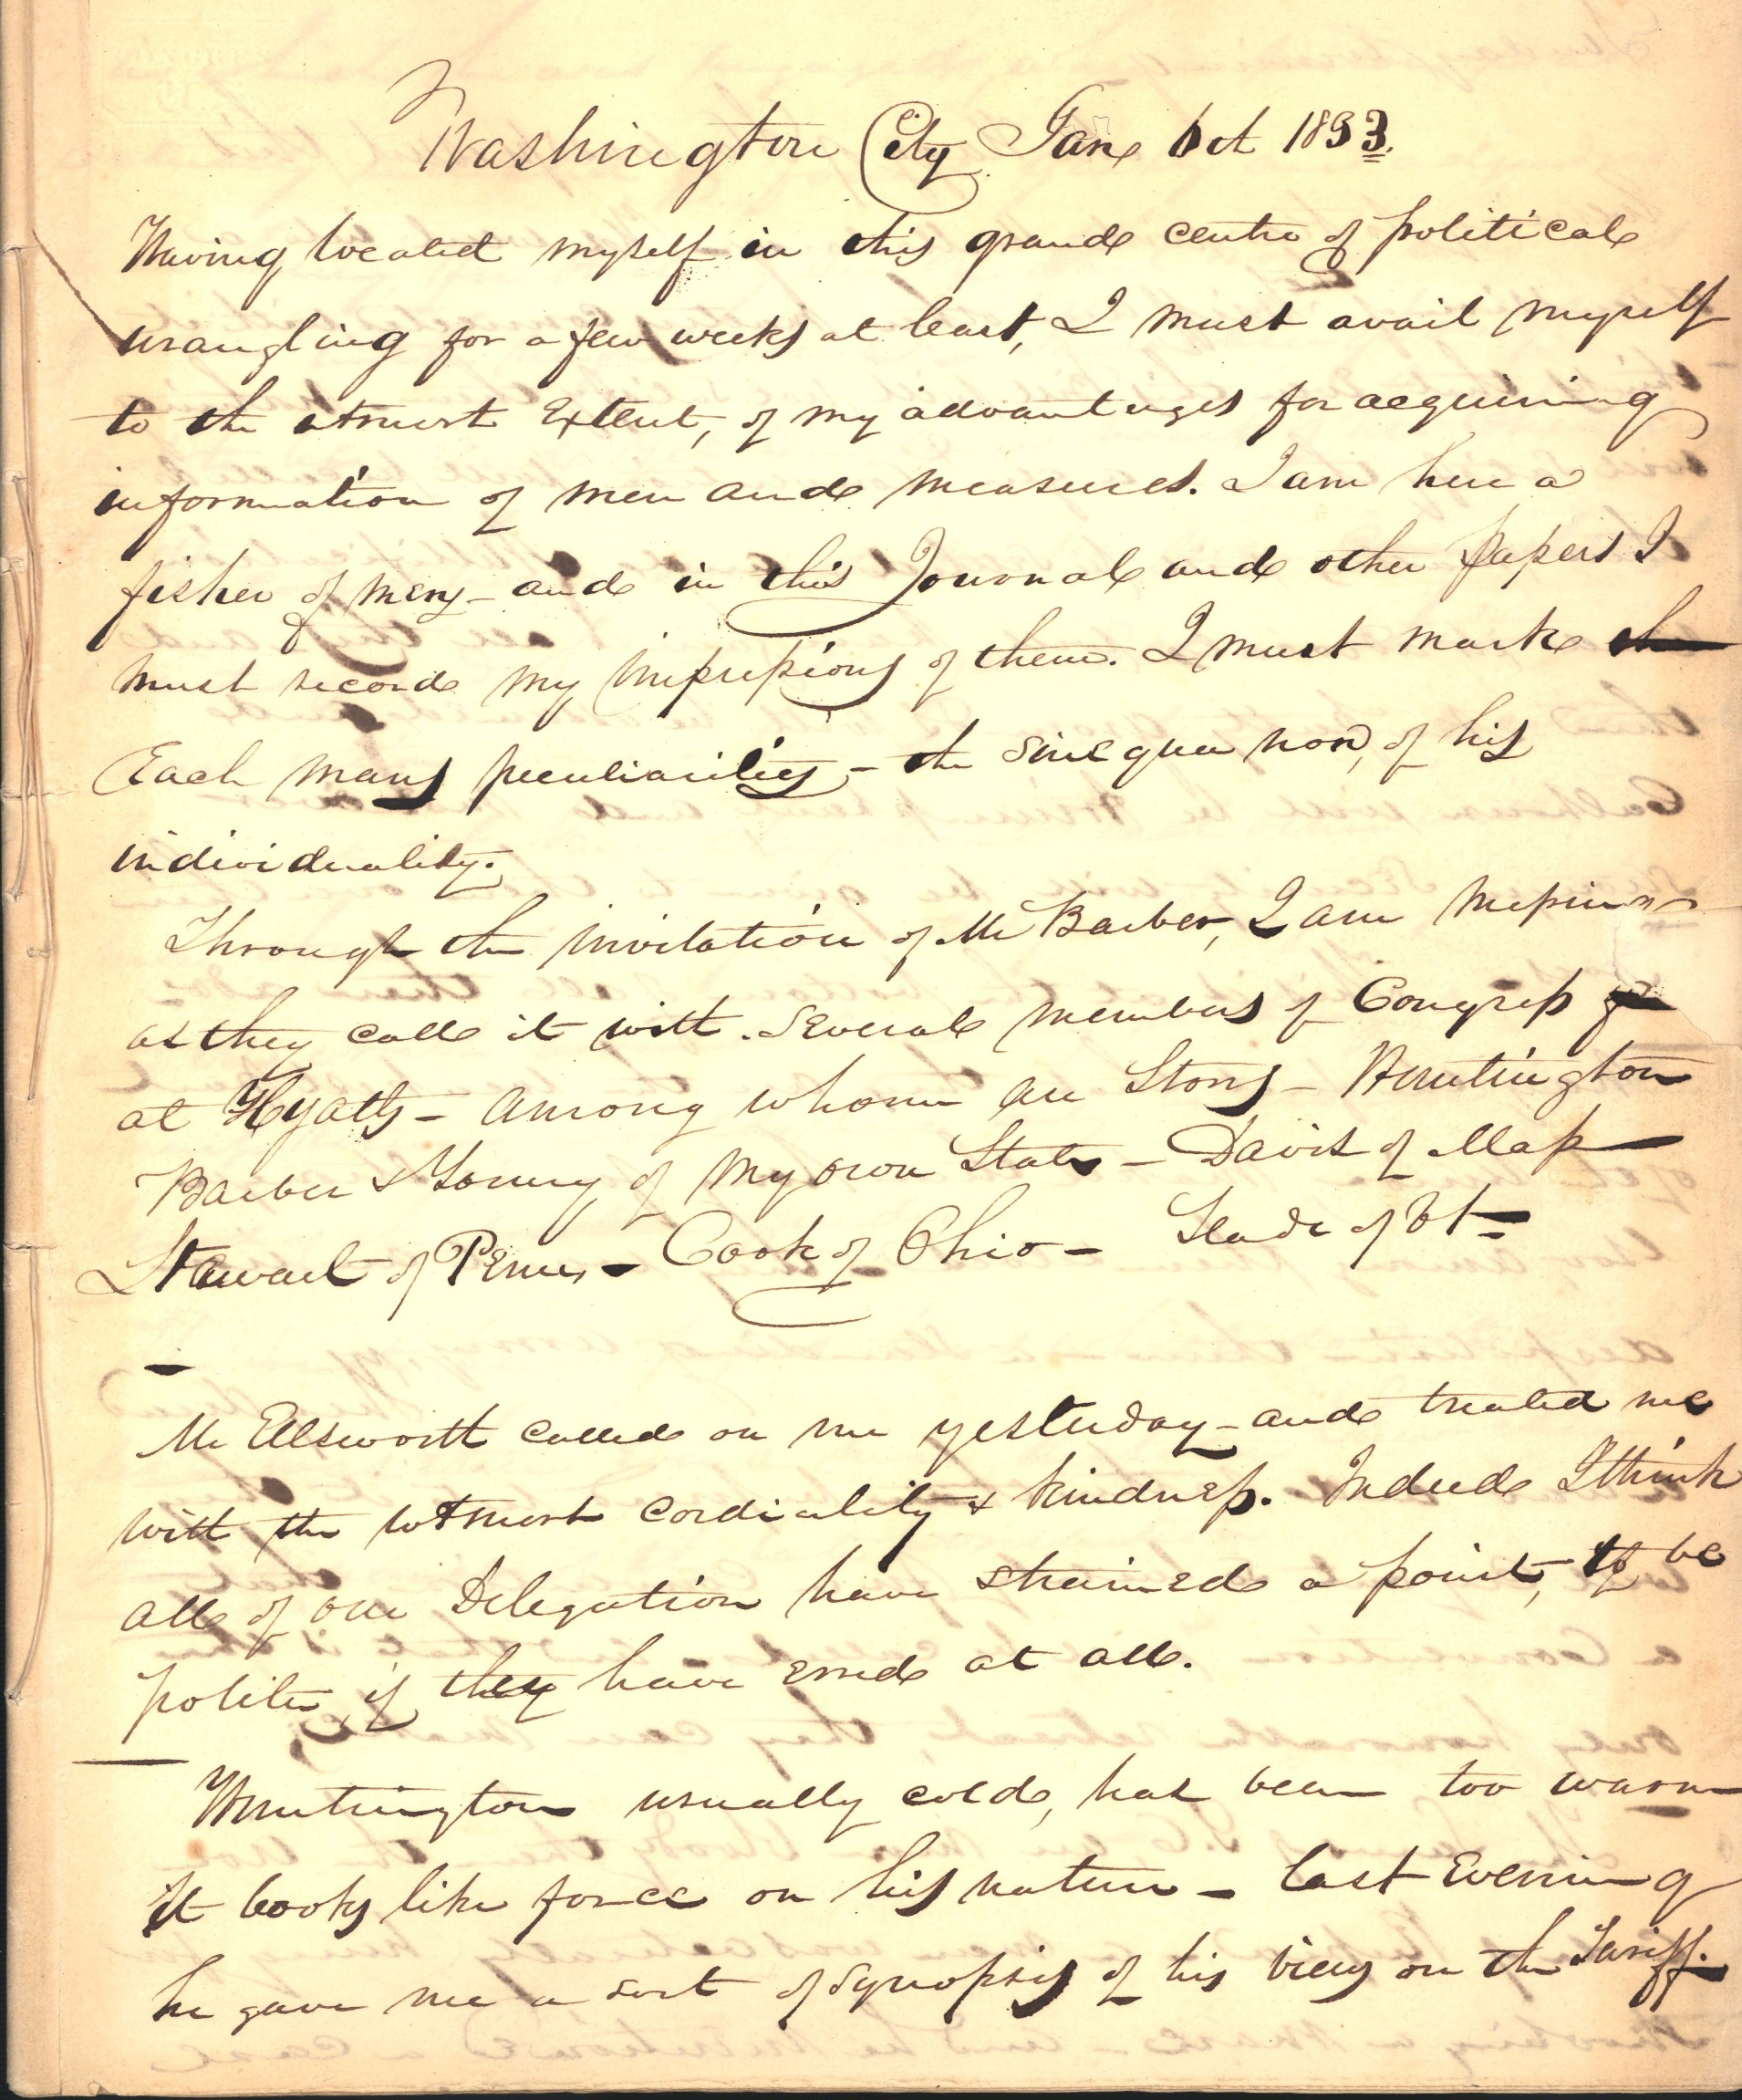 2_B8_F1_Barnard_Oct_1833_Diary_p.1_v.2.jpg